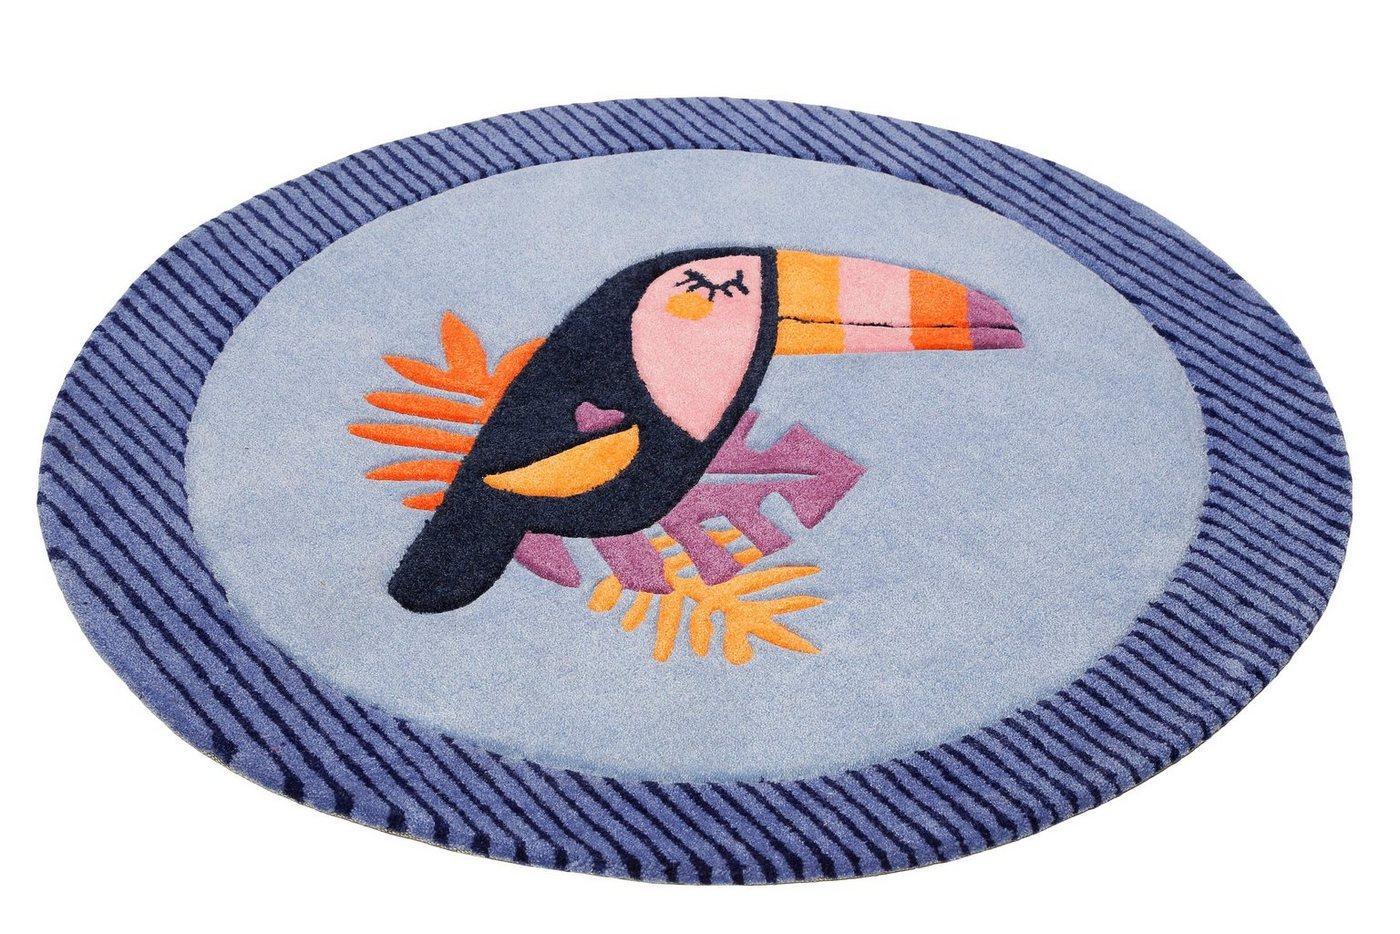 Kinderteppich »E-Toucan«, Esprit, rund, Höhe 9 mm, besonders weich, Motiv Toucan, blau